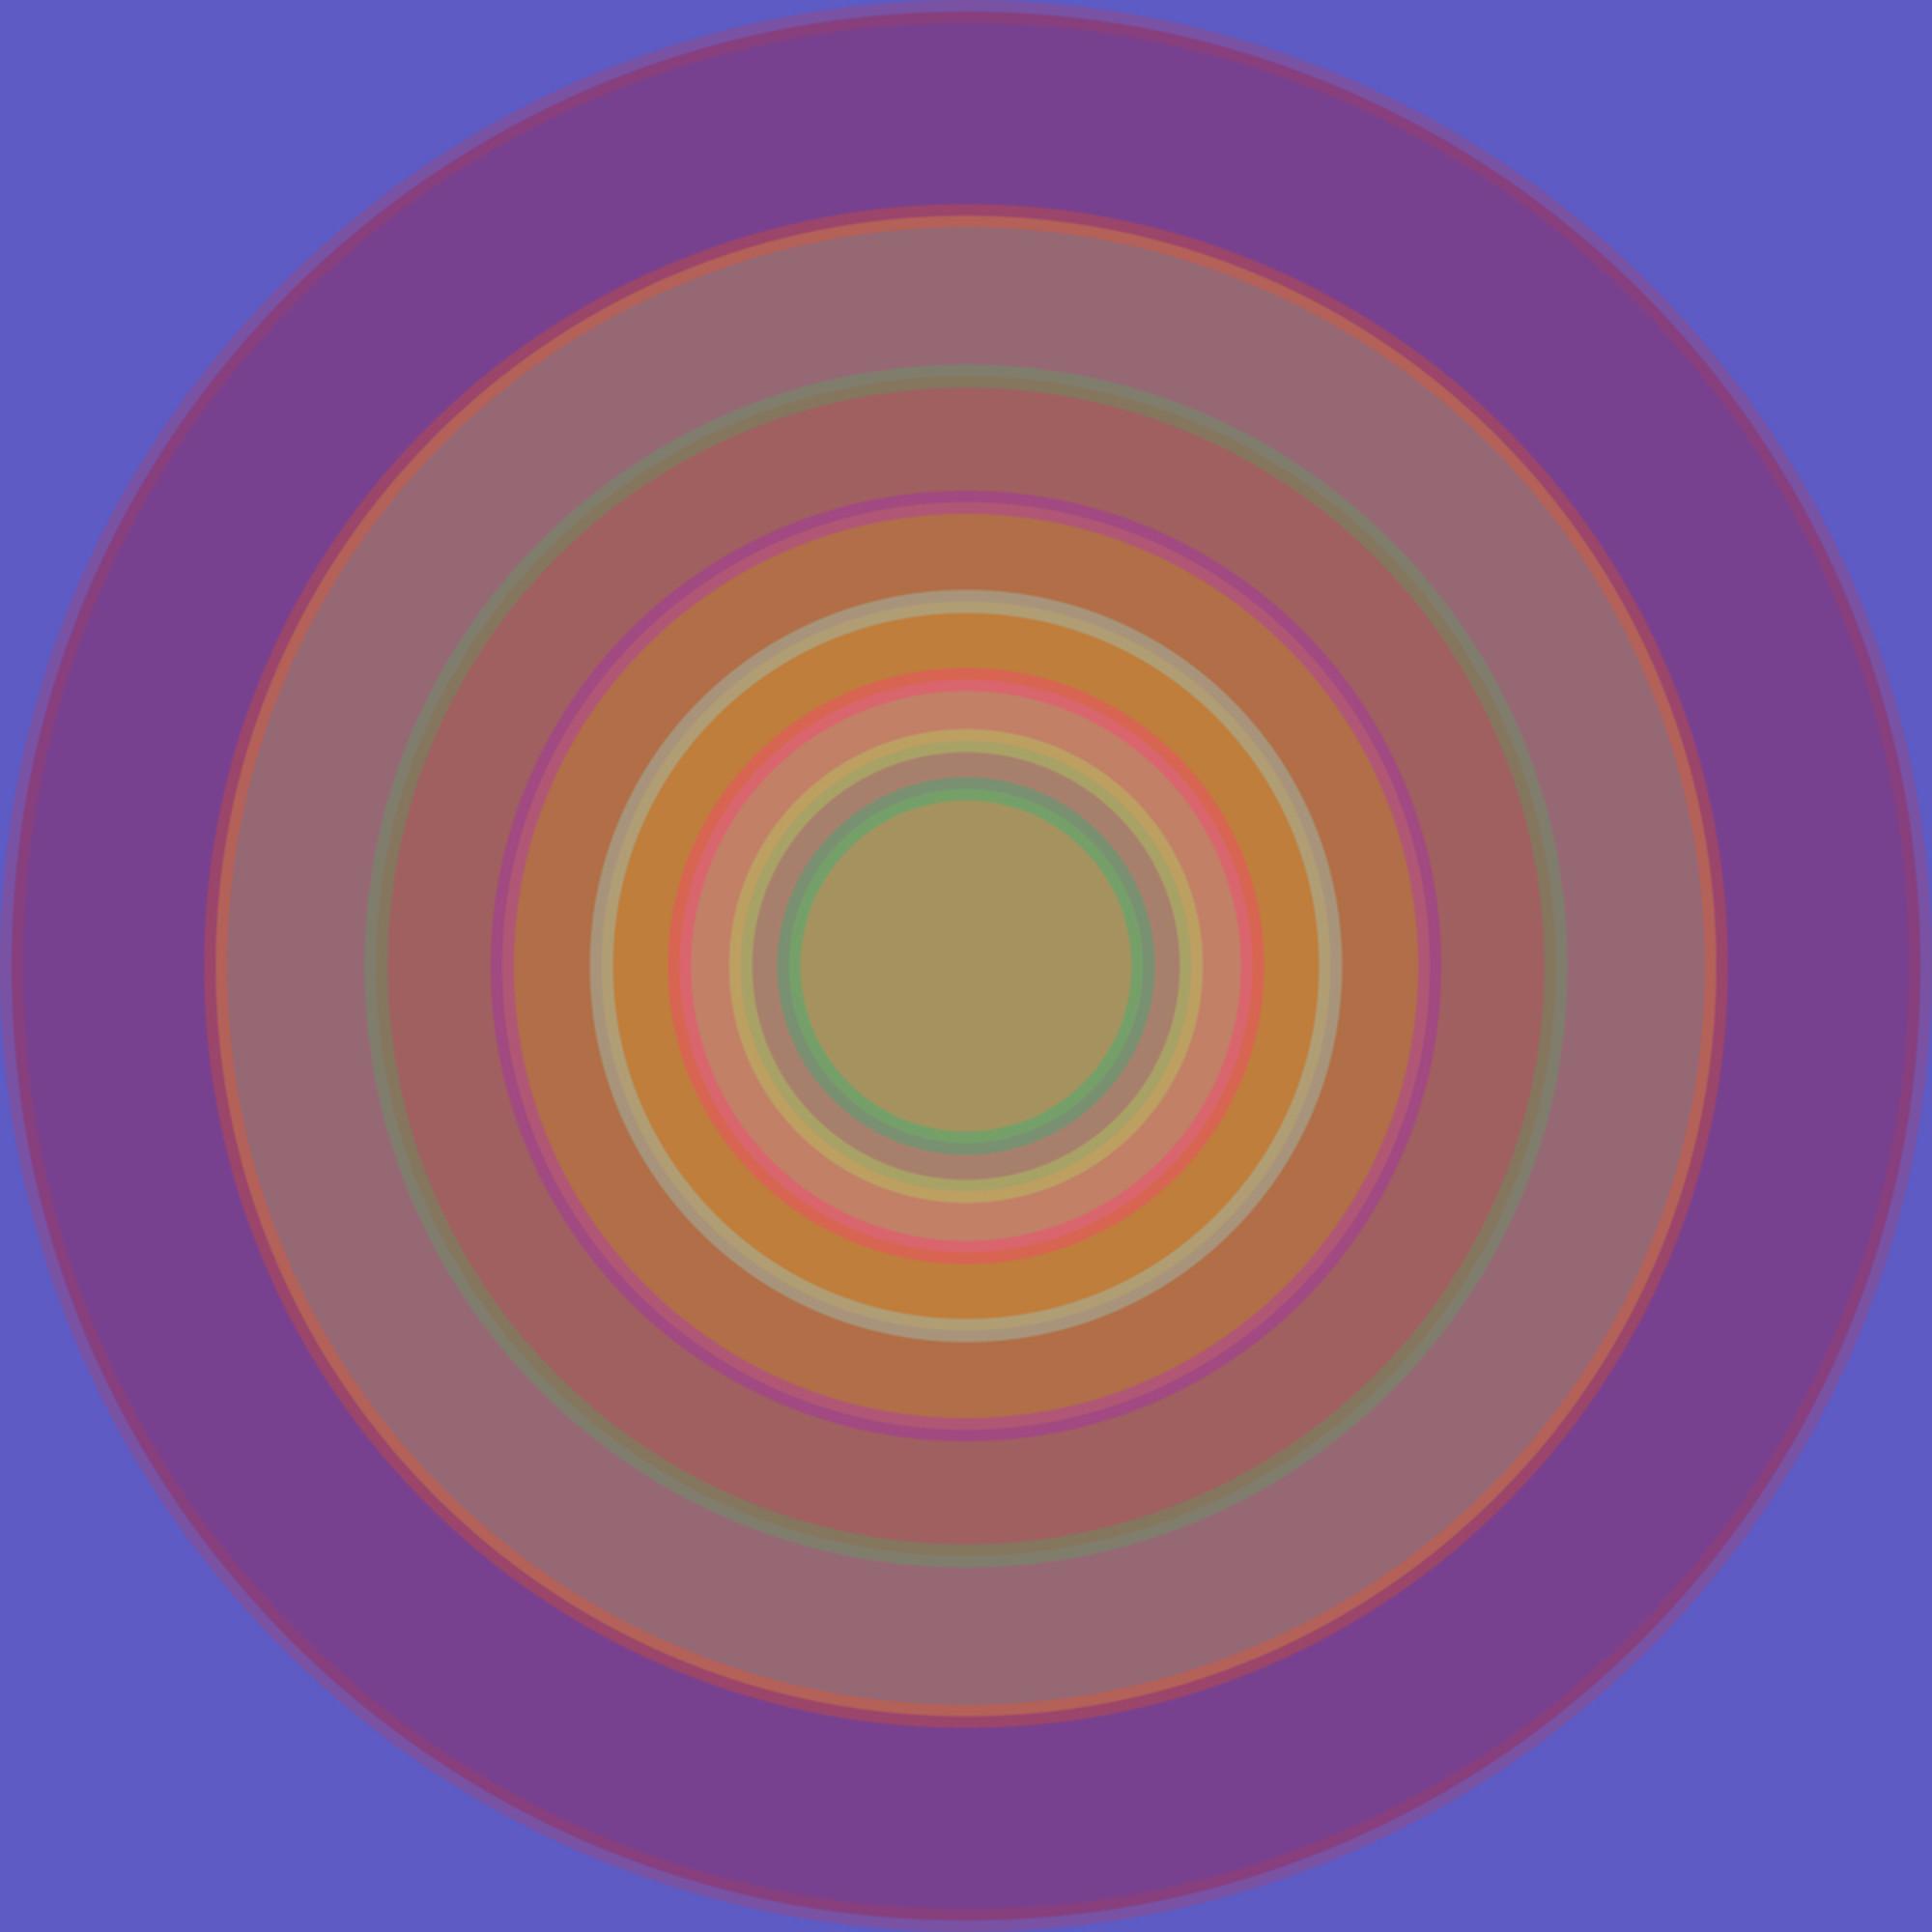 Circles circ1 0021 t811qm